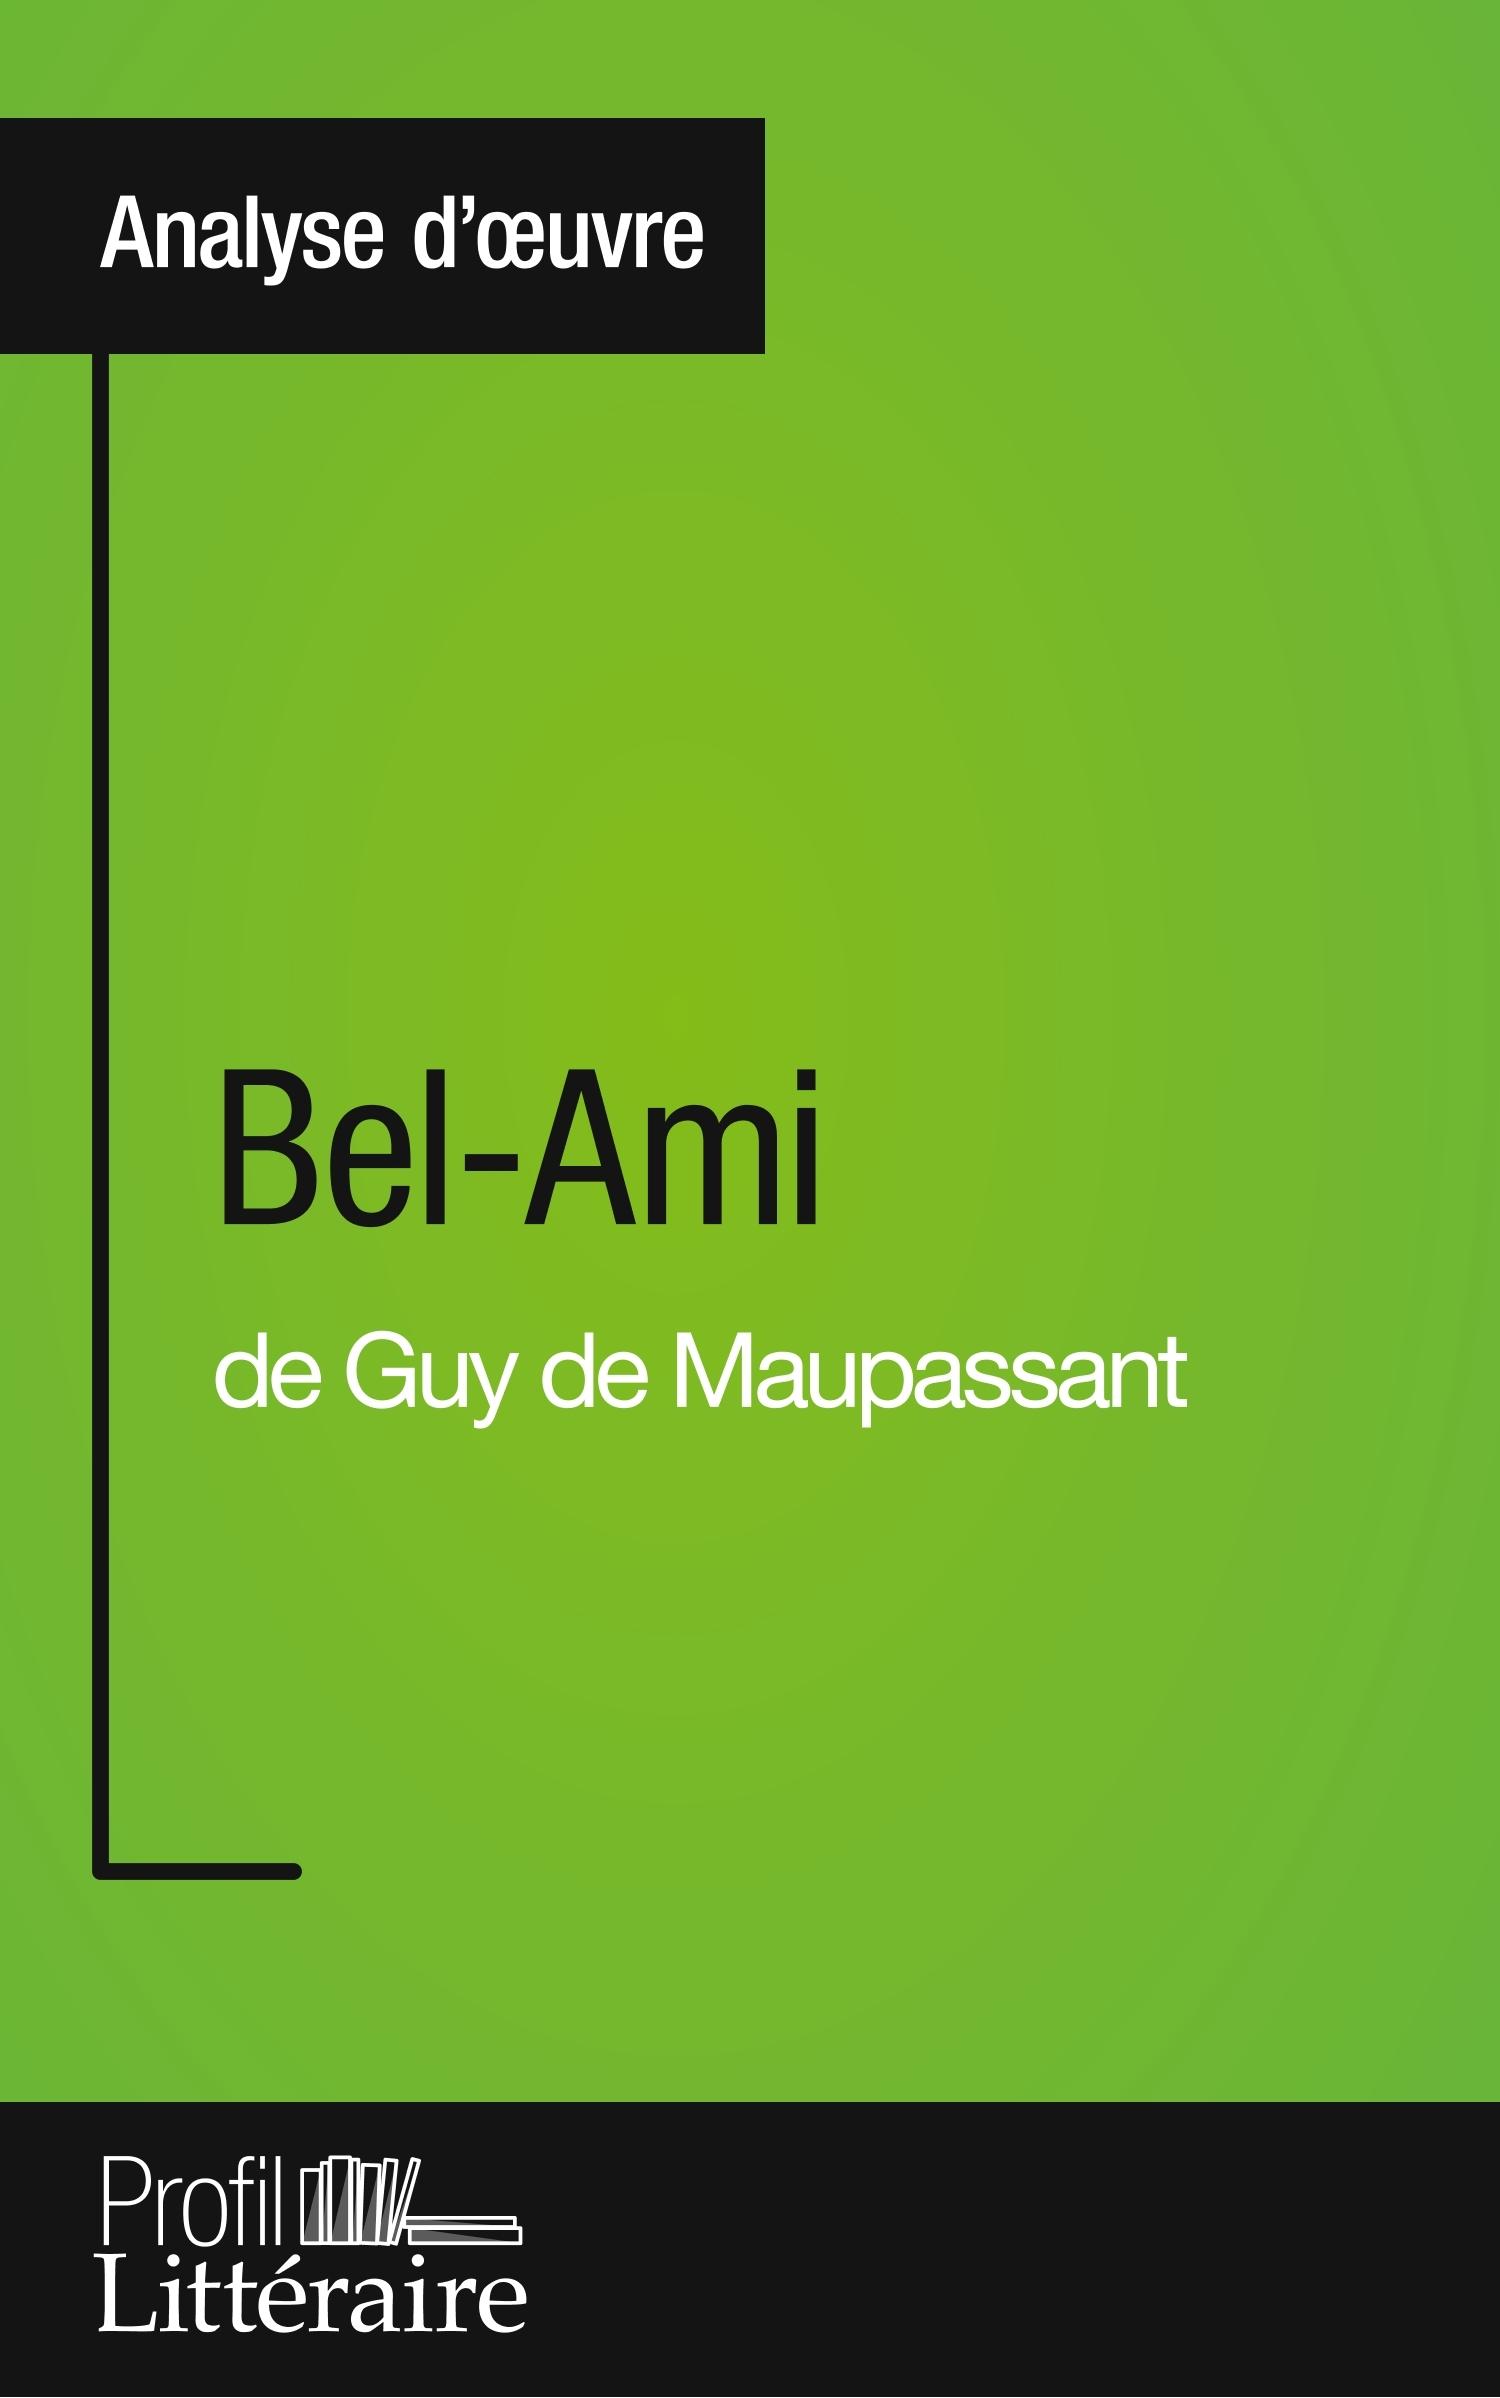 BEL AMI DE GUY DE MAUPASSANT